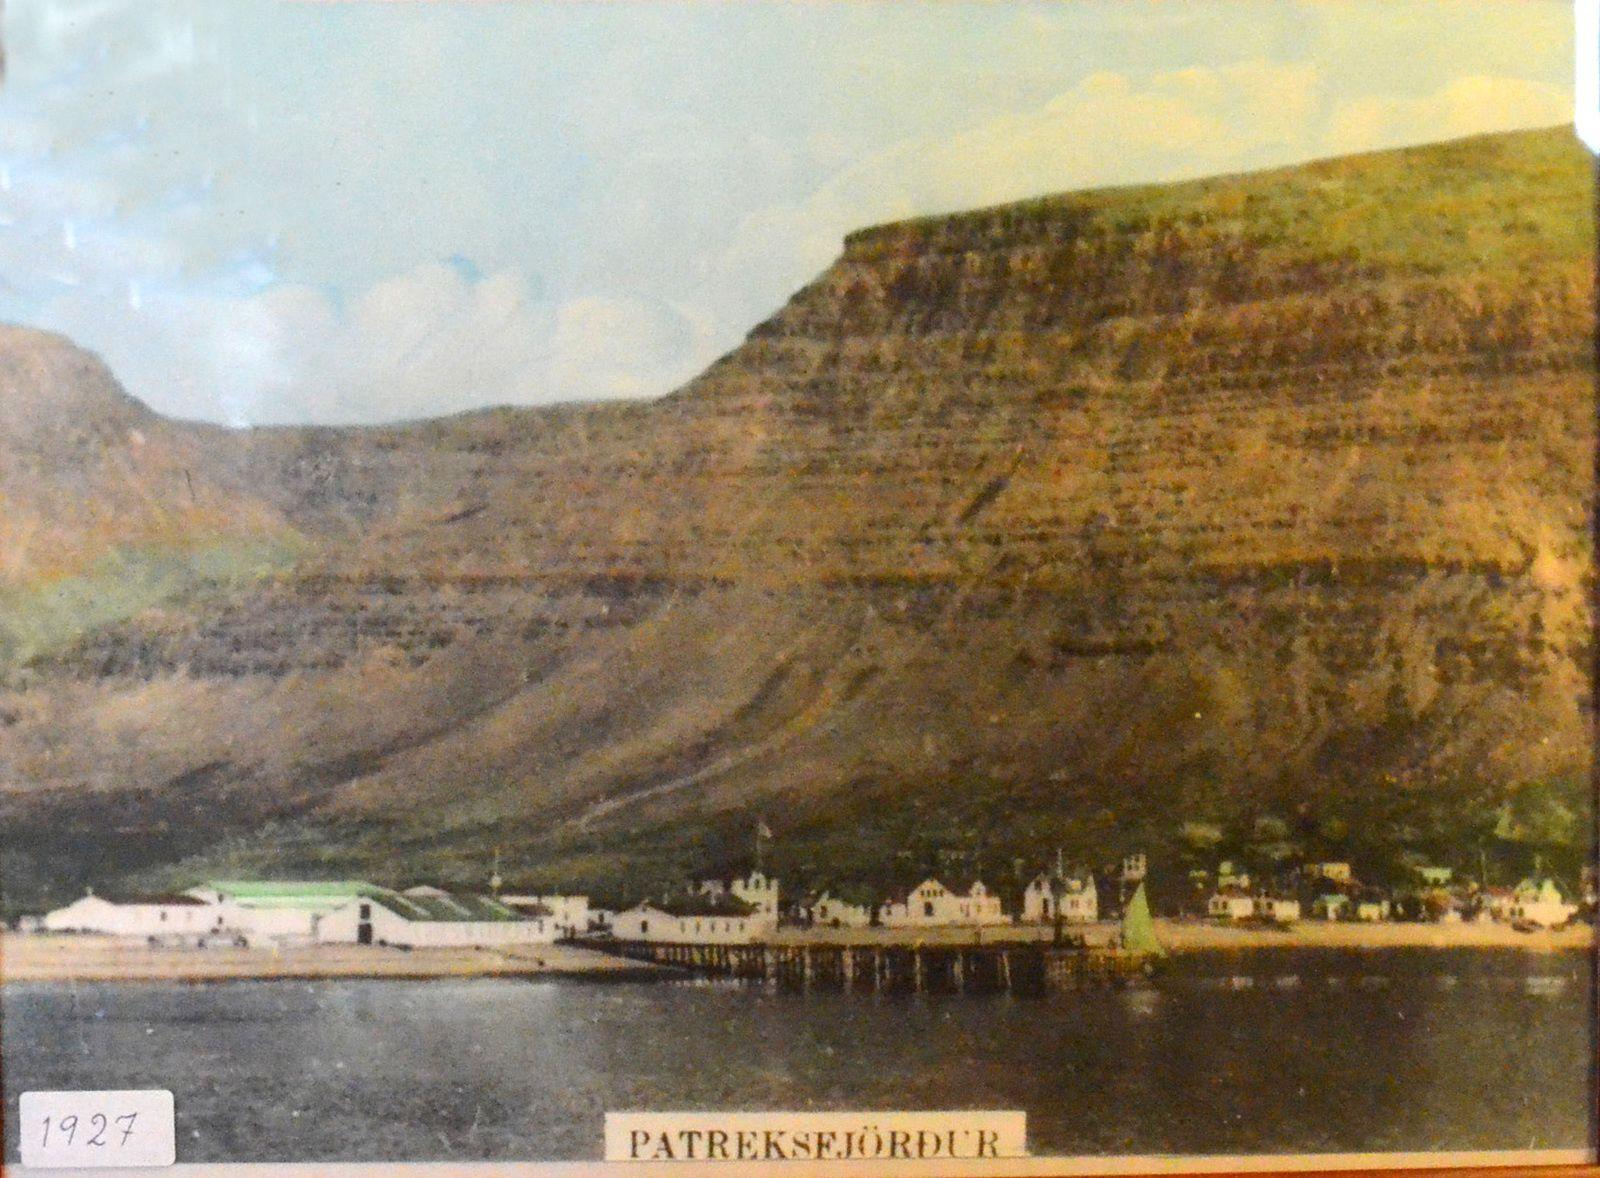 Patreksfjordur